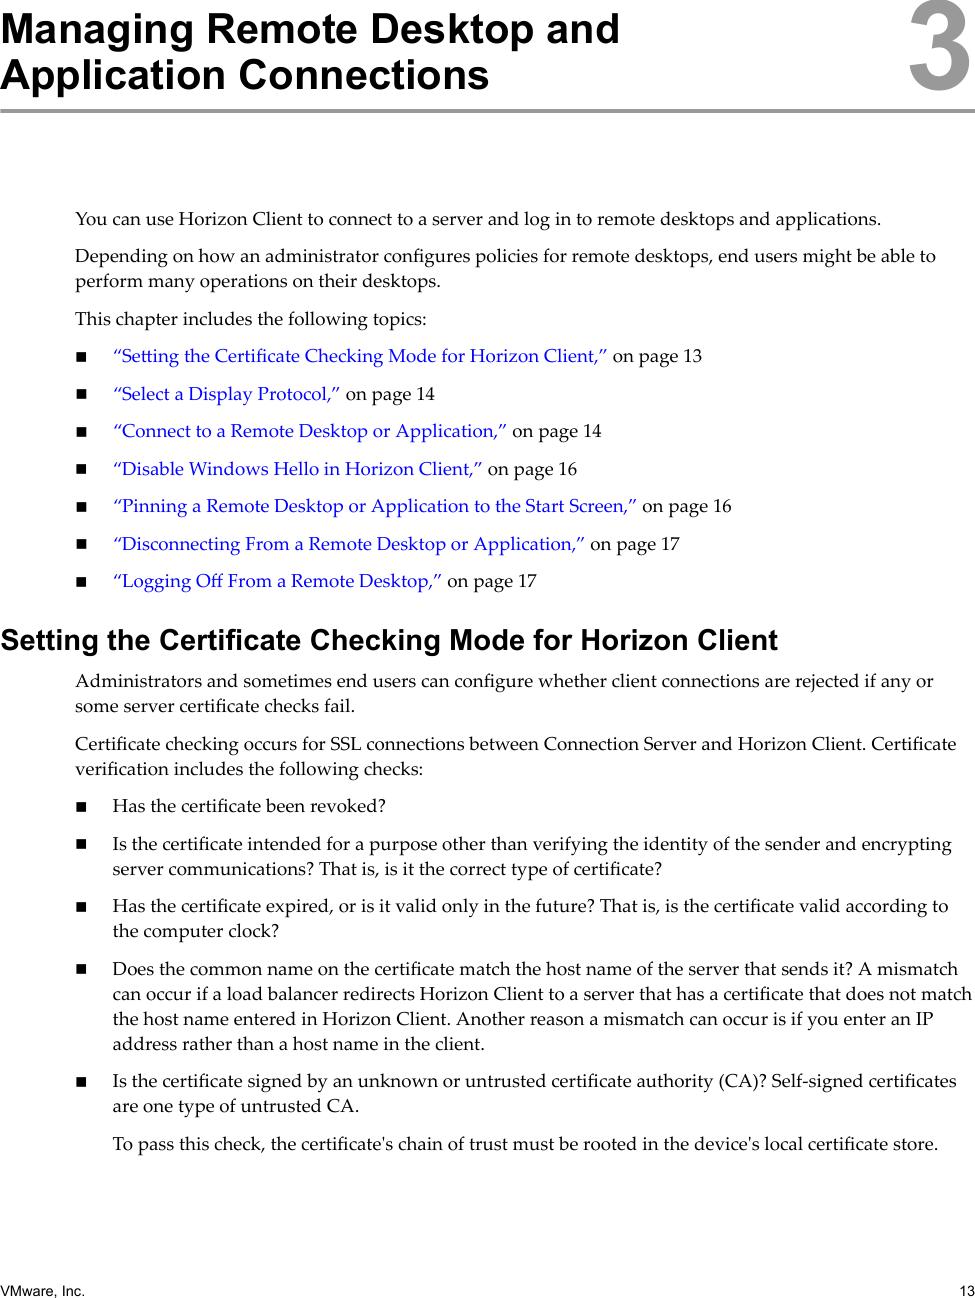 Vmware Using Horizon Client For Windows 10 UWP 10  4 5